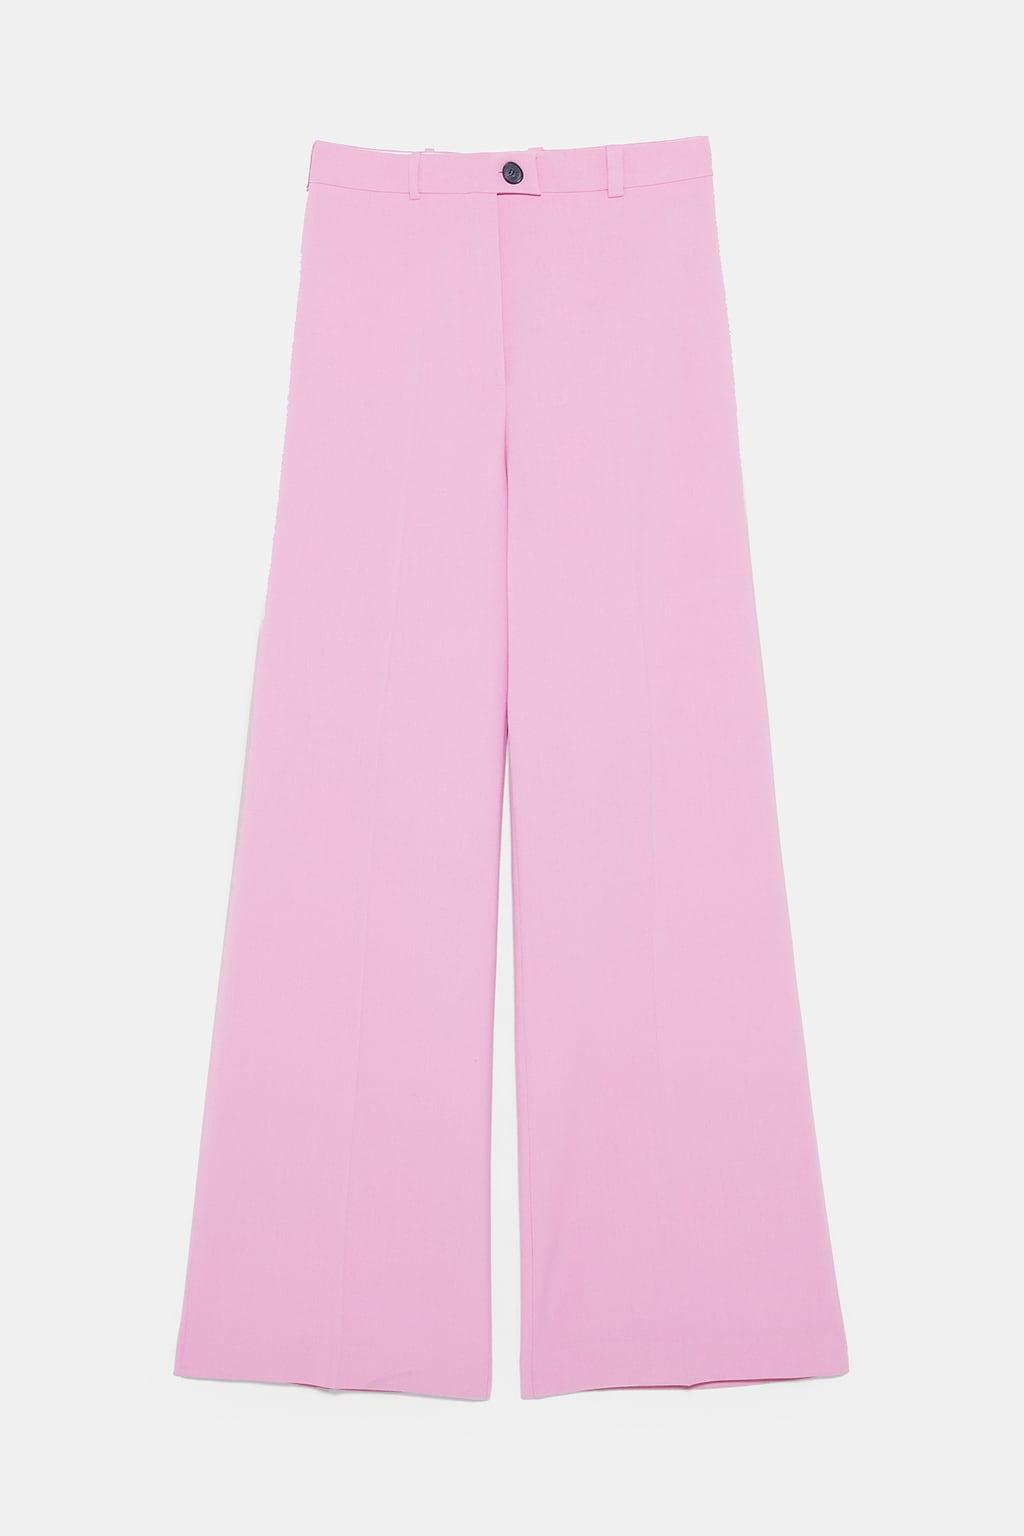 pantalon rose zara